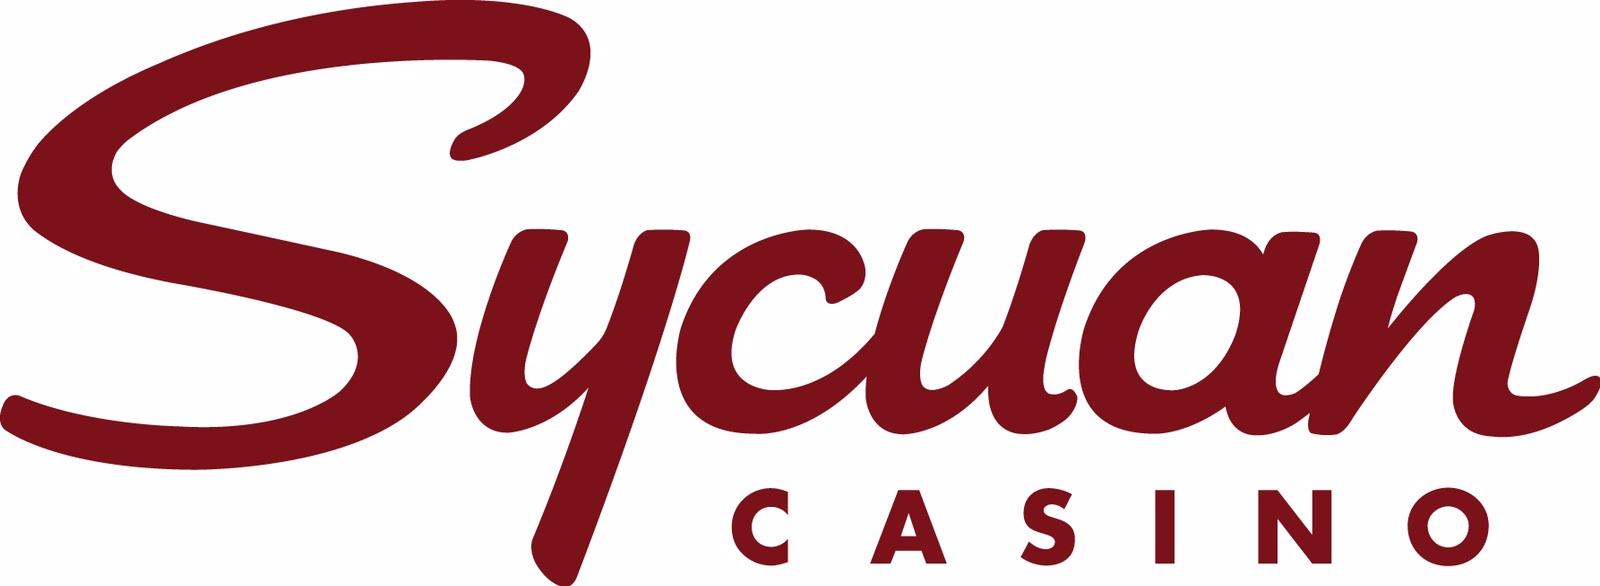 SYCUAN_logo_RGB_burgundy.jpeg